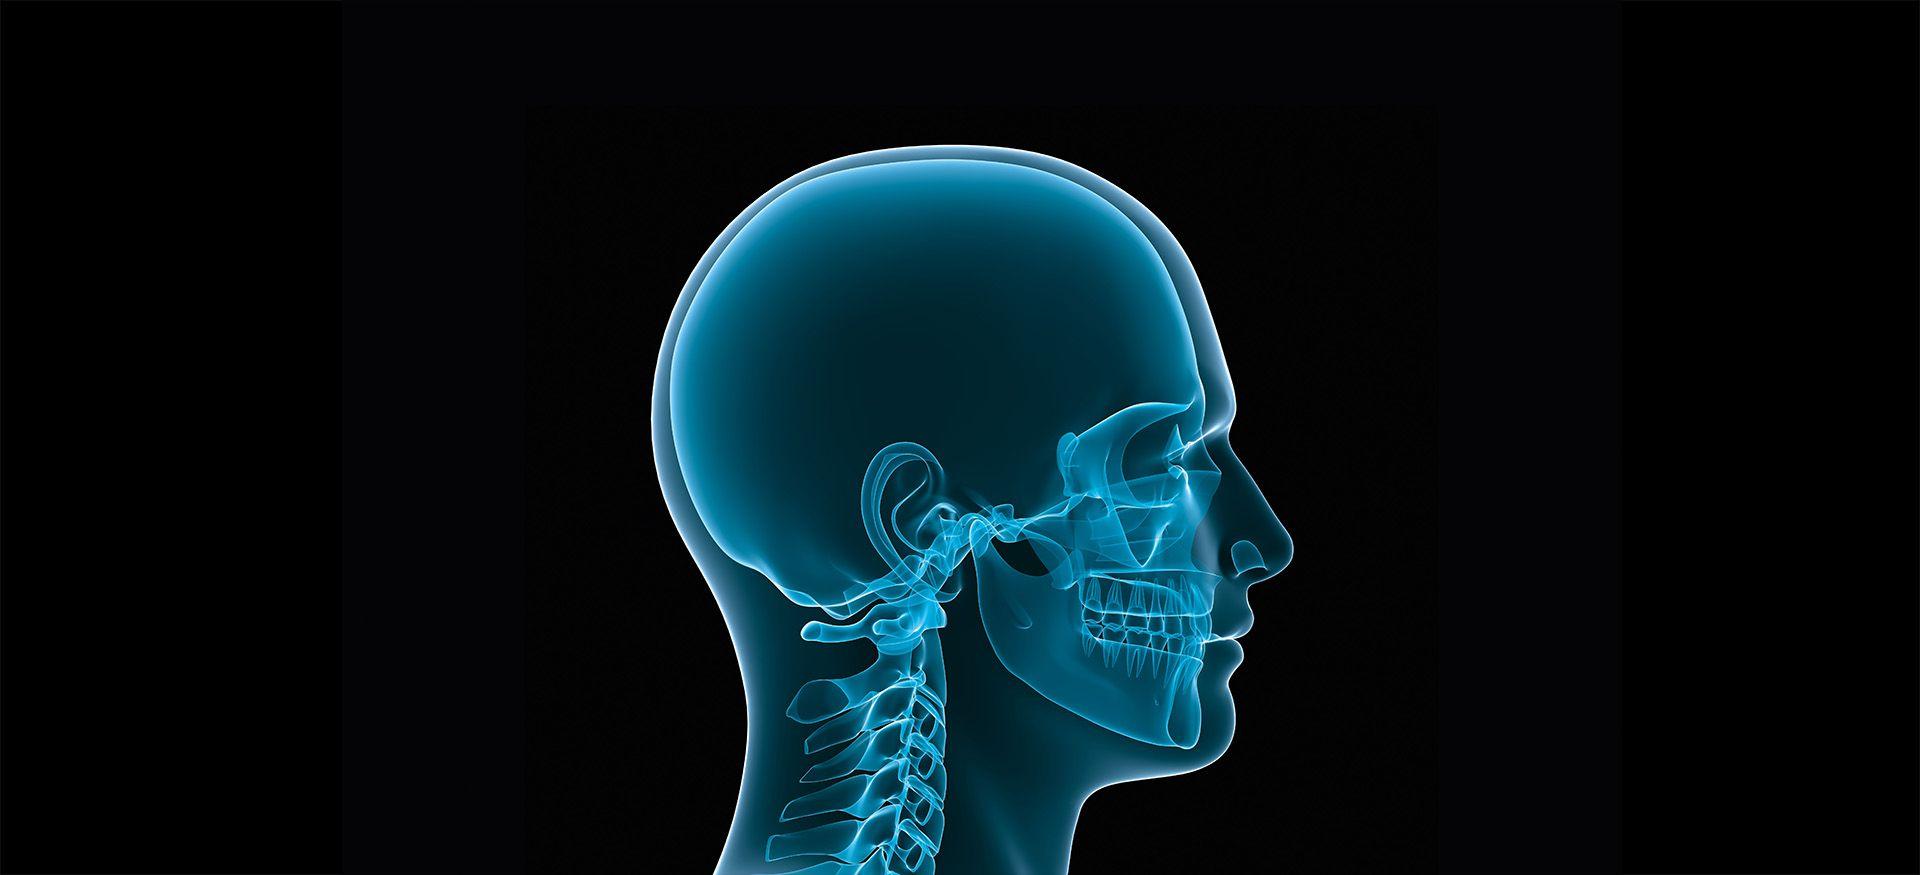 Implantate und Implantatsysteme Mund-, Kiefer- und Gesichtschirurgie